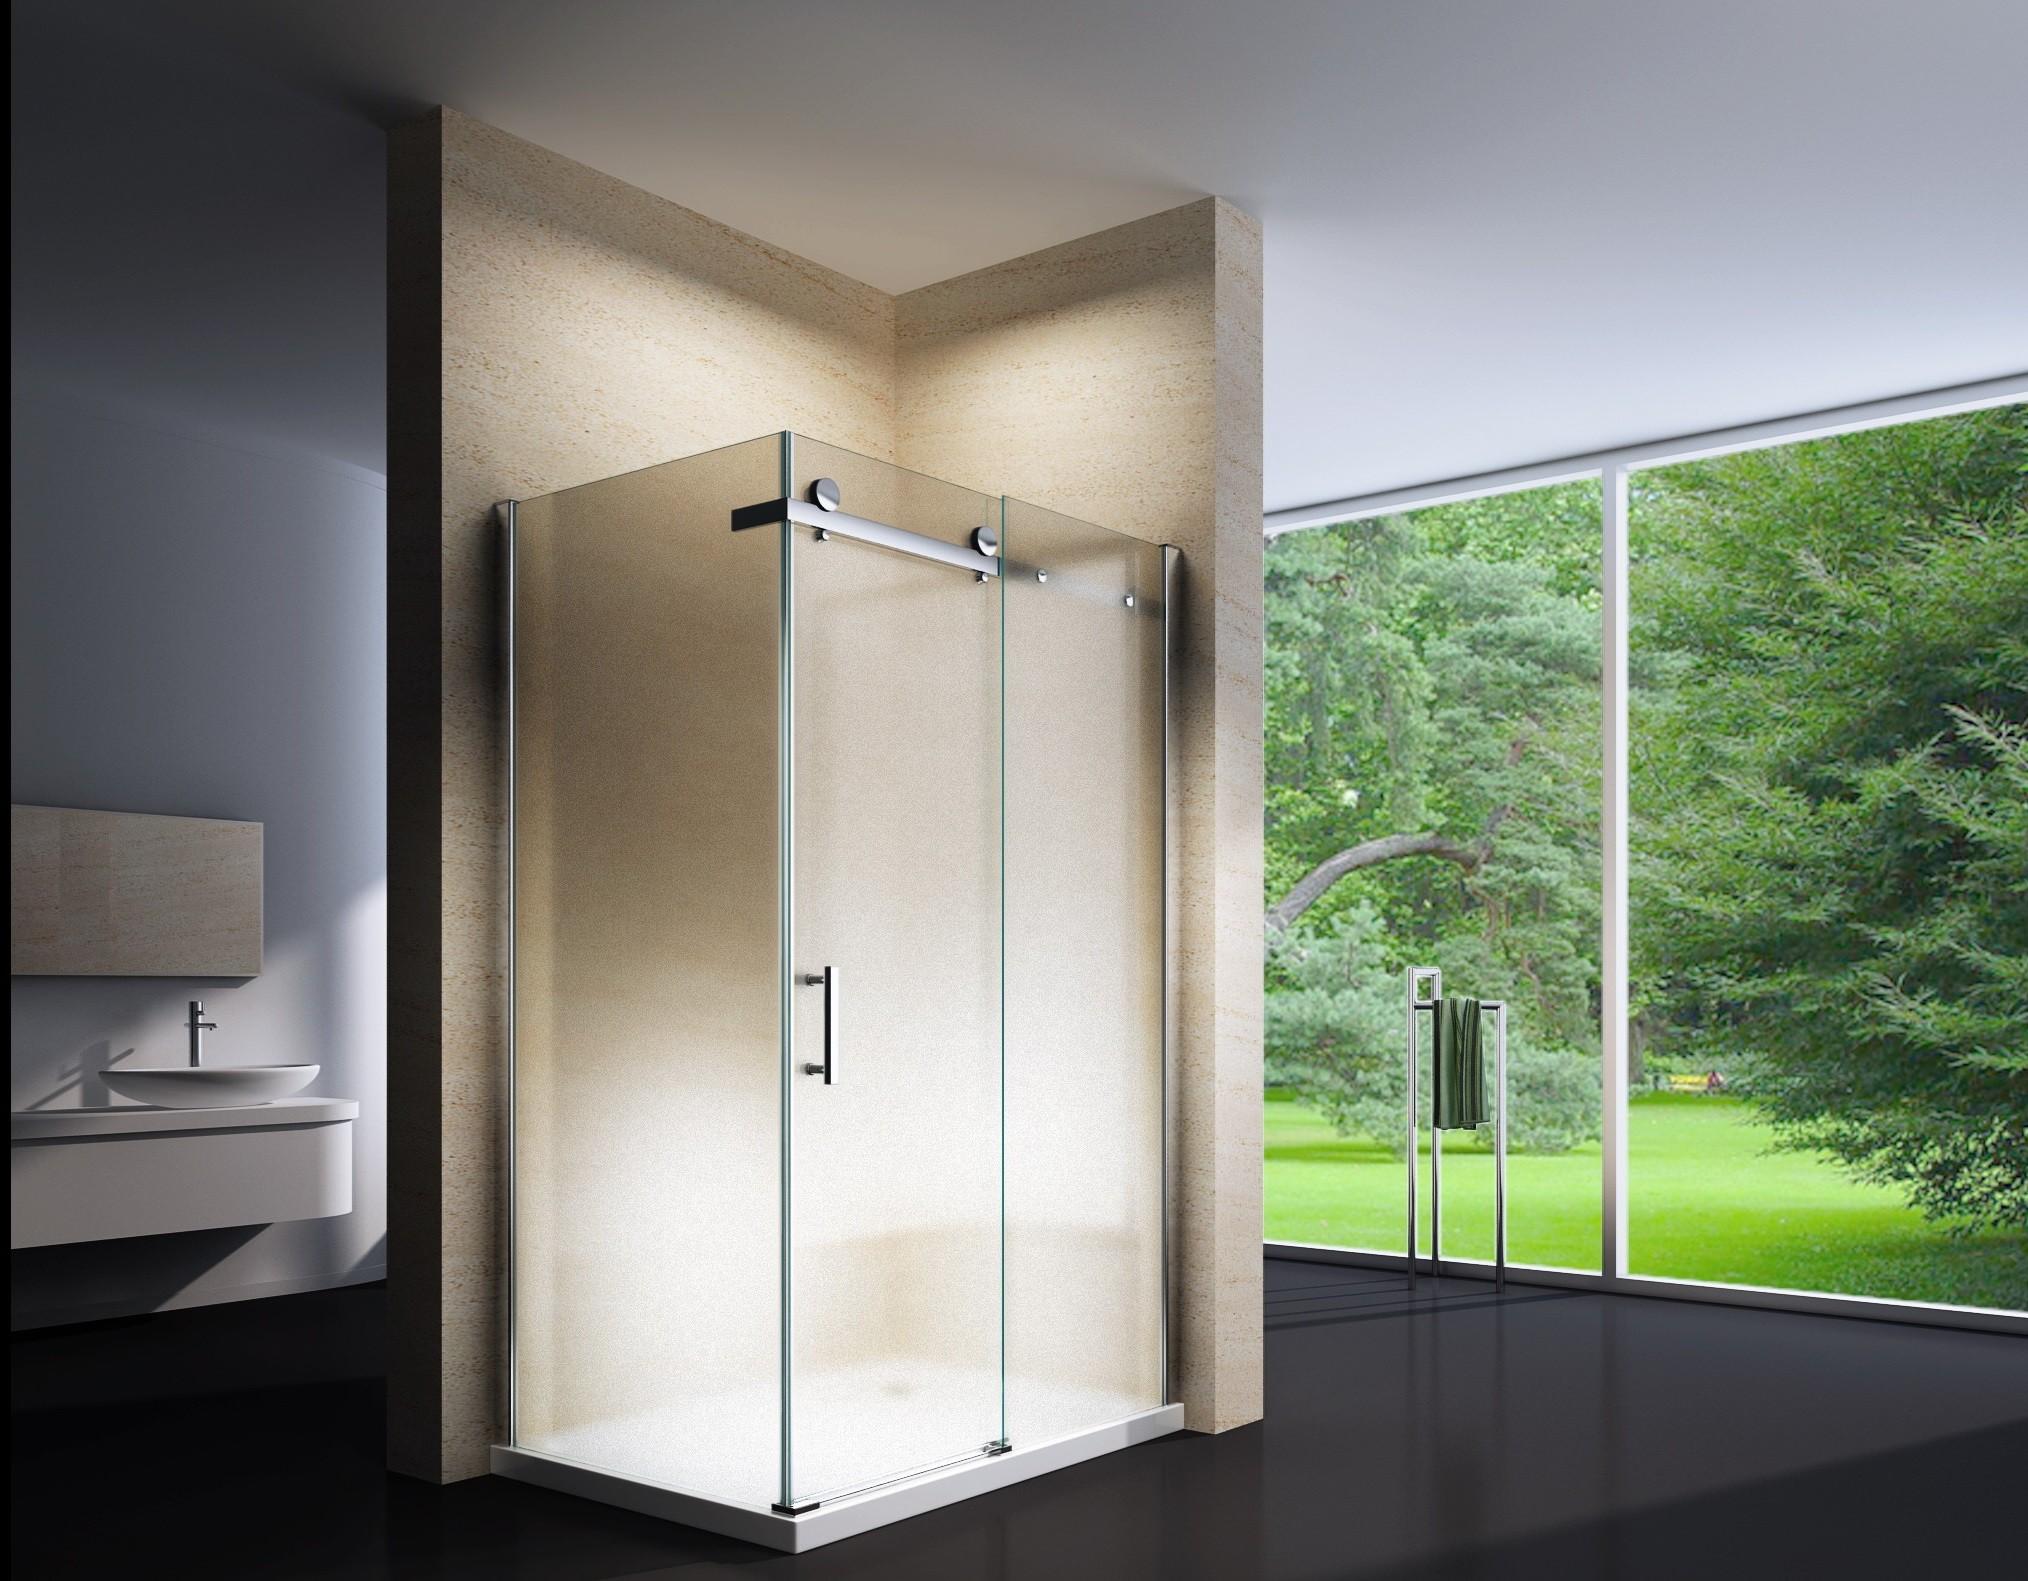 badkamerkasten praxis mozaiek tegels badkamer praxis nl funvit